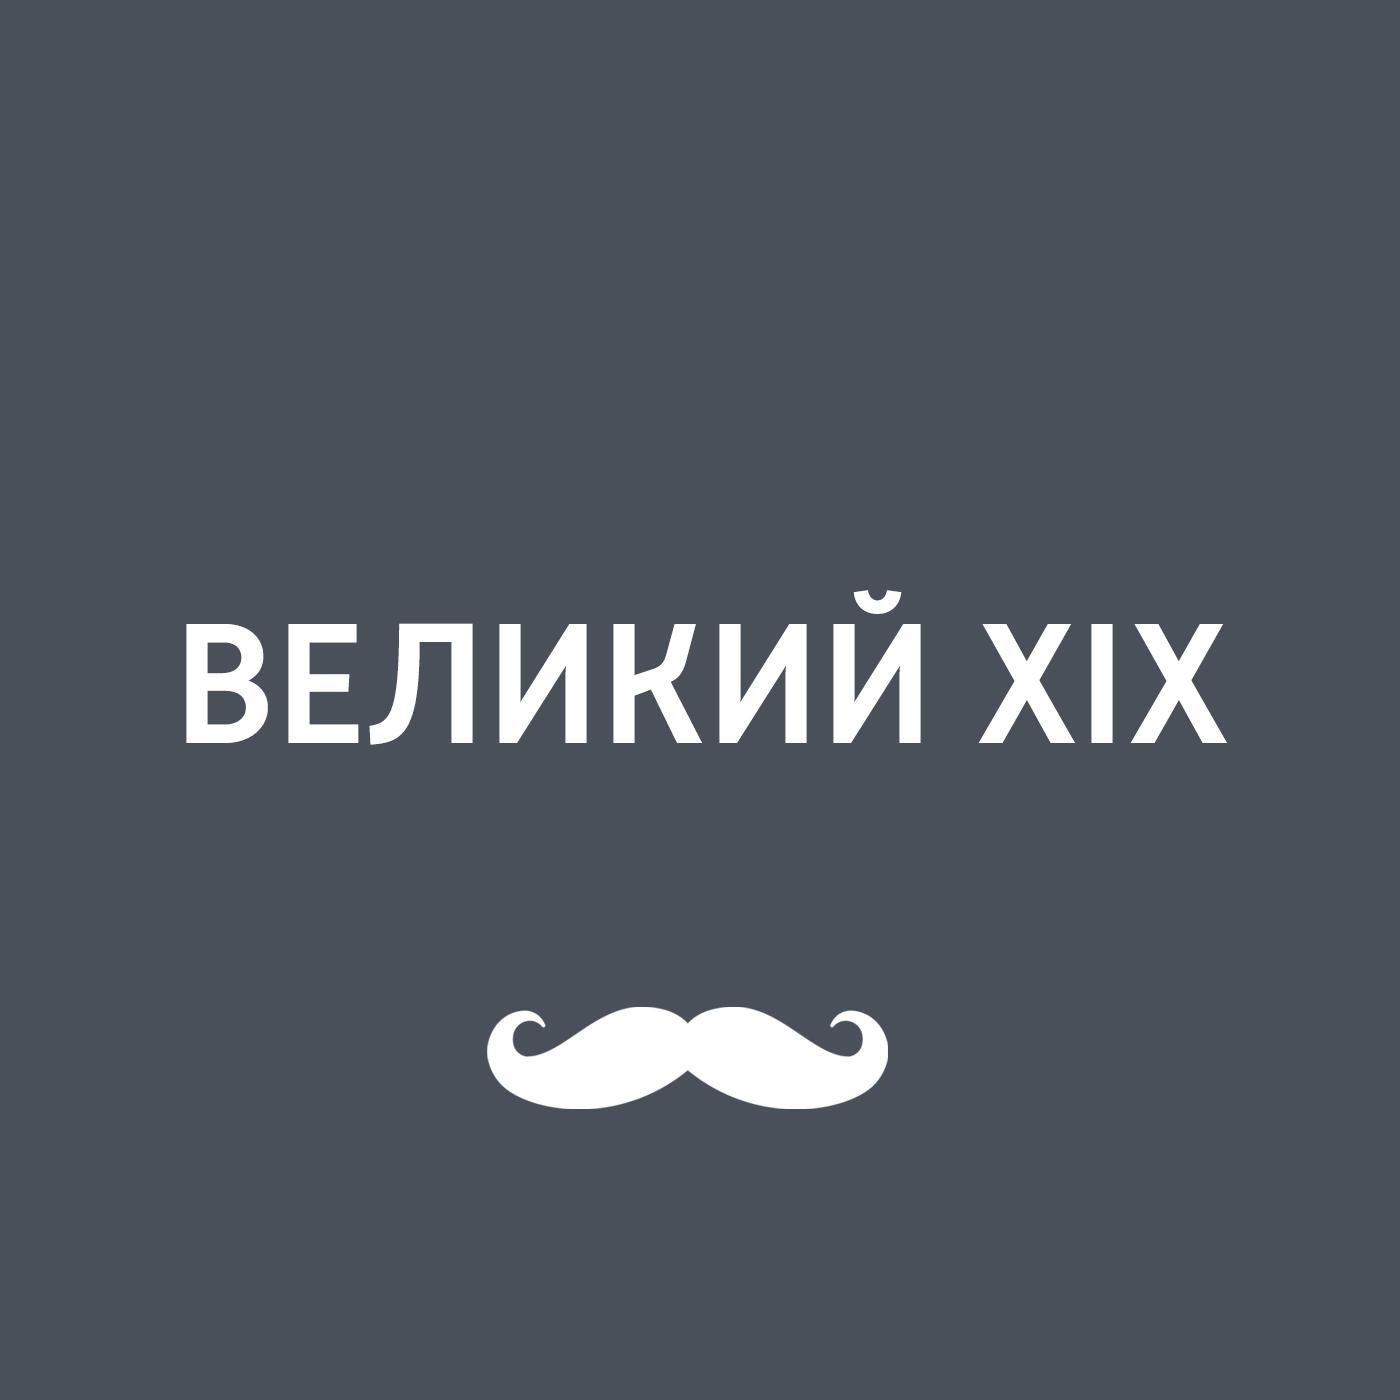 К 200-летию Алексея Константиновича Толстого. Лирика. Личное.